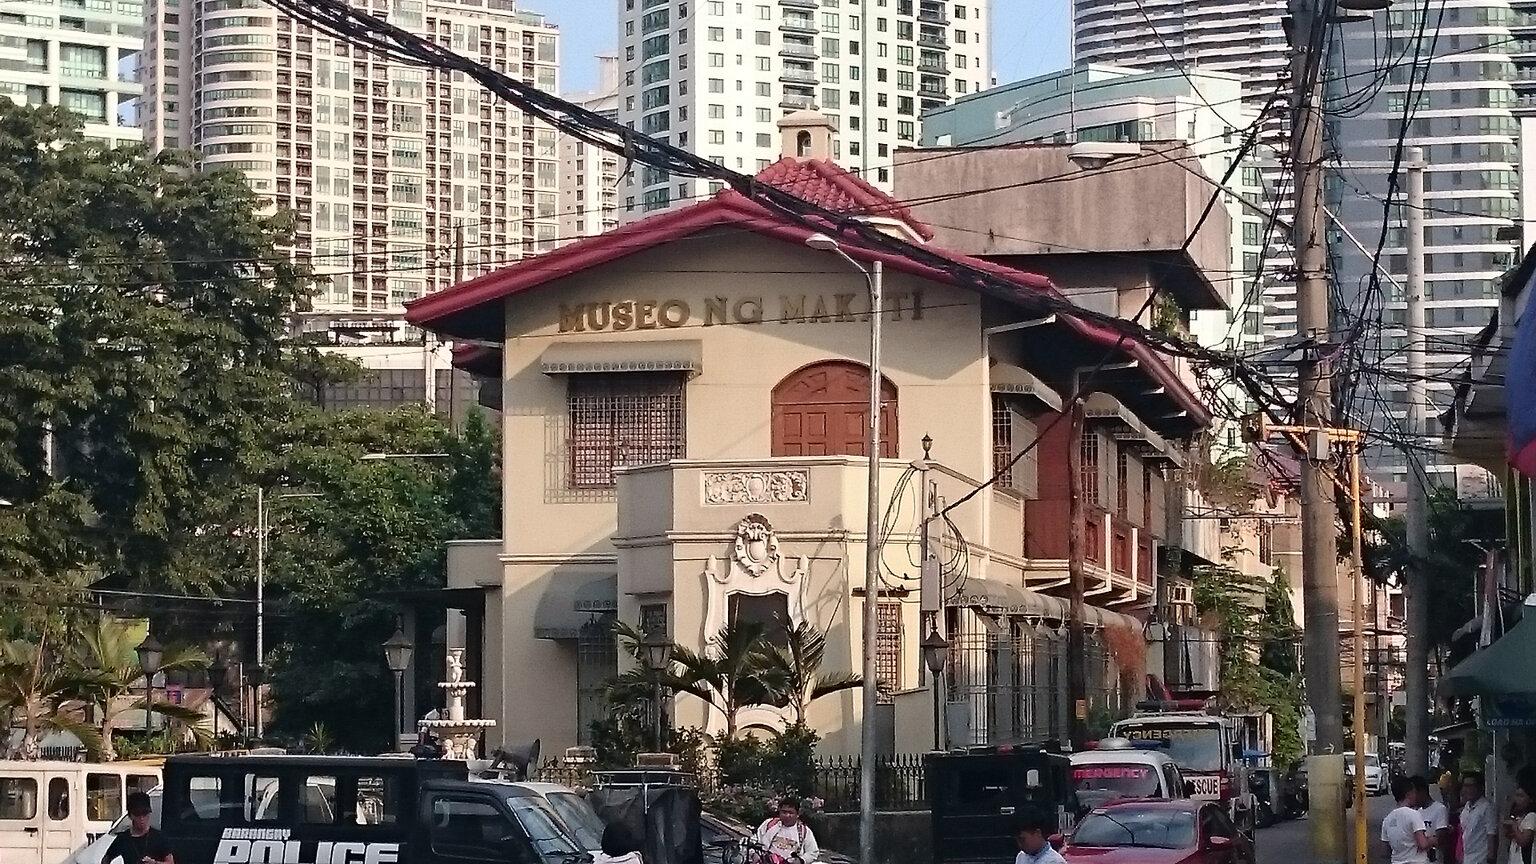 Museo Ng Makati, Makati Manila